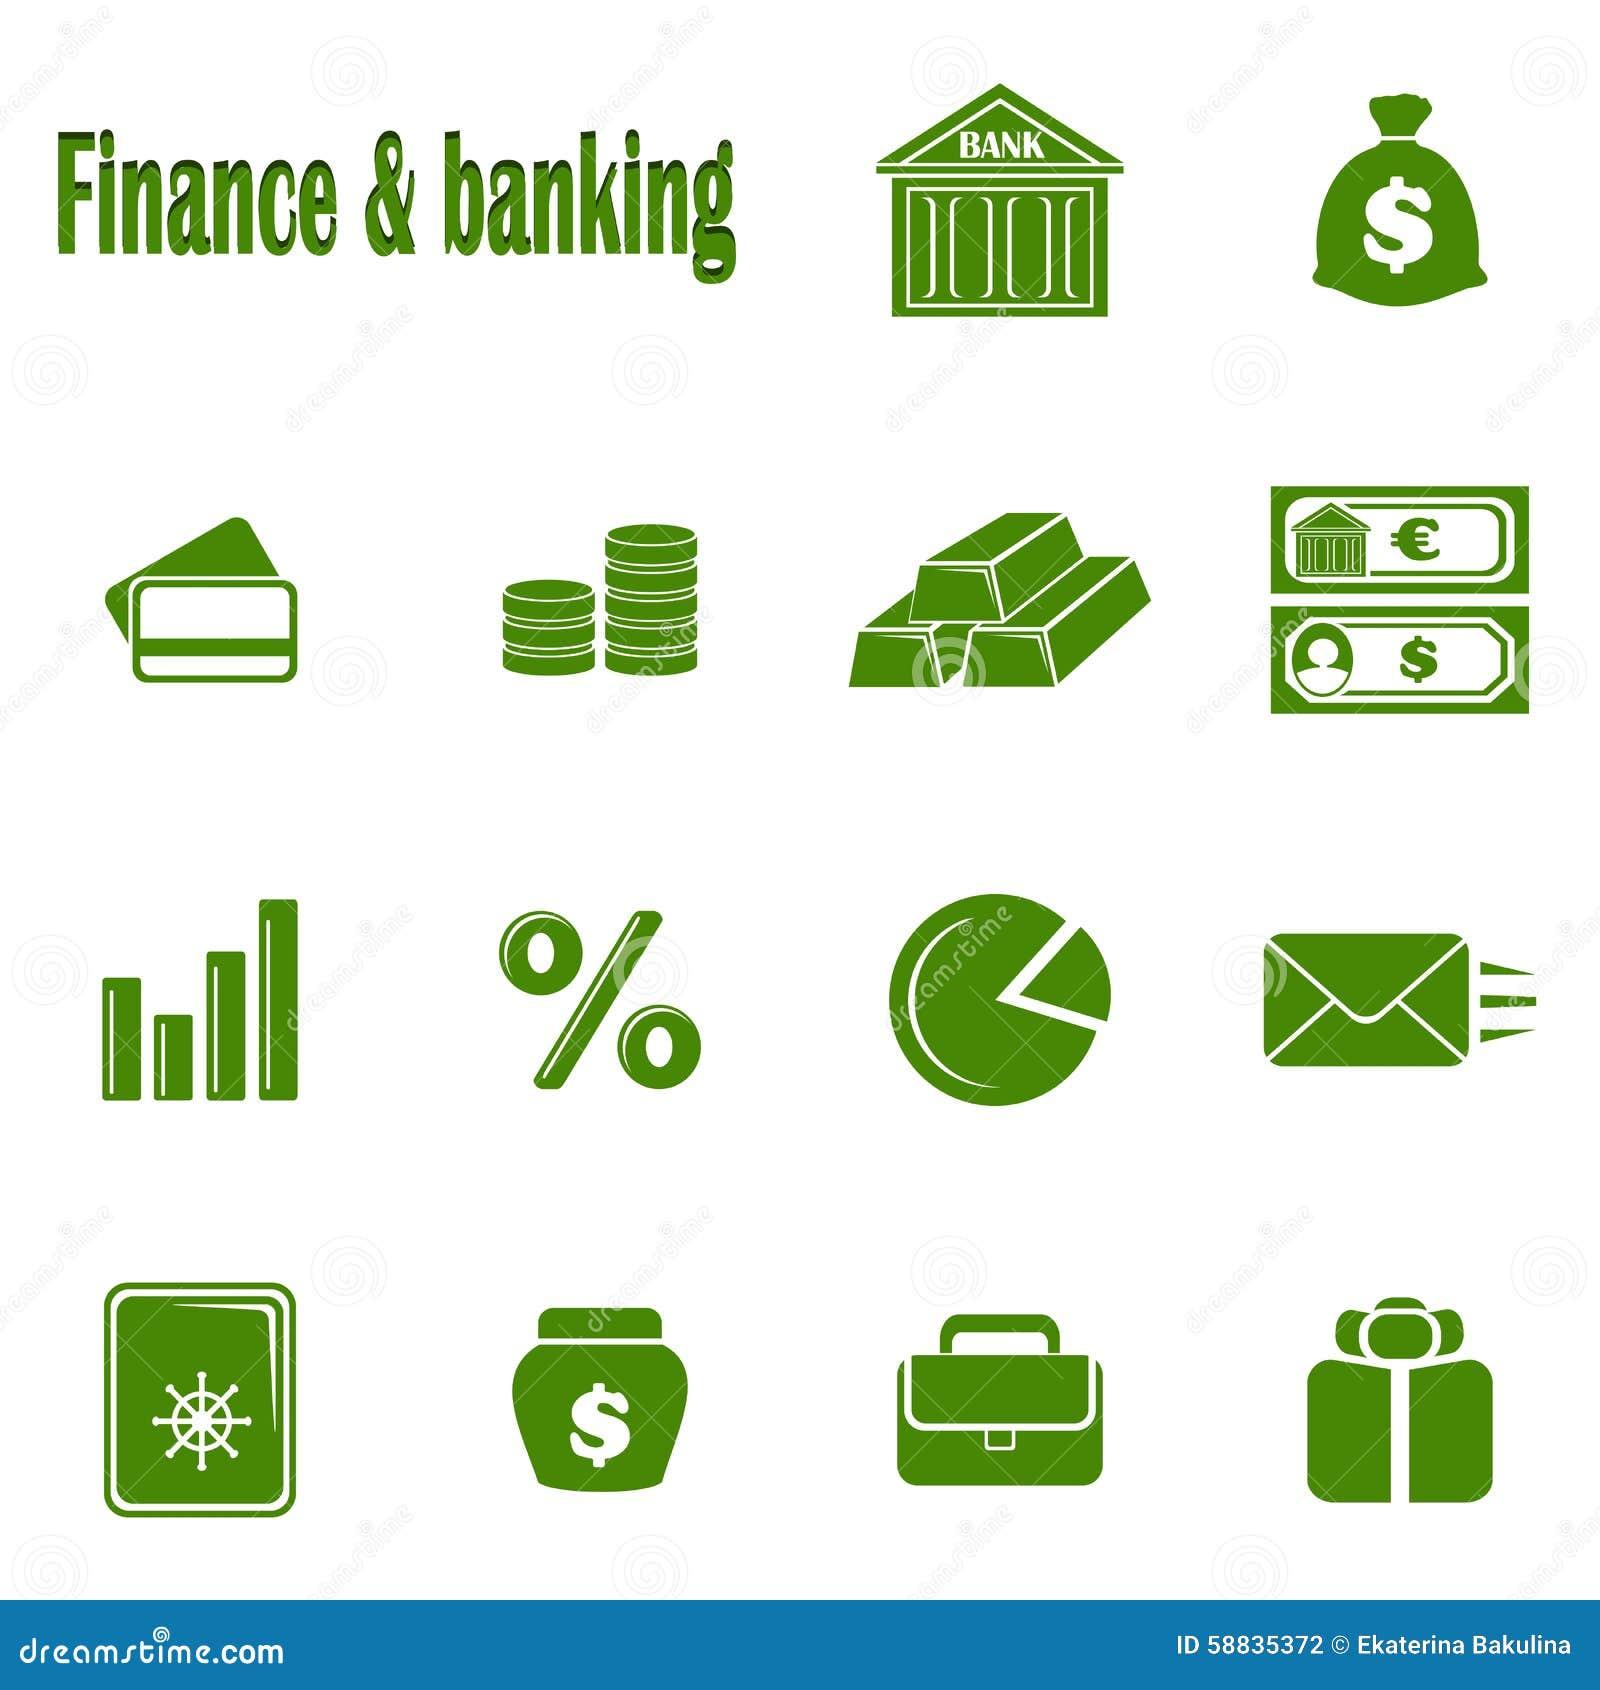 Catorce finanzas monocromáticas y actividades bancarias de los iconos